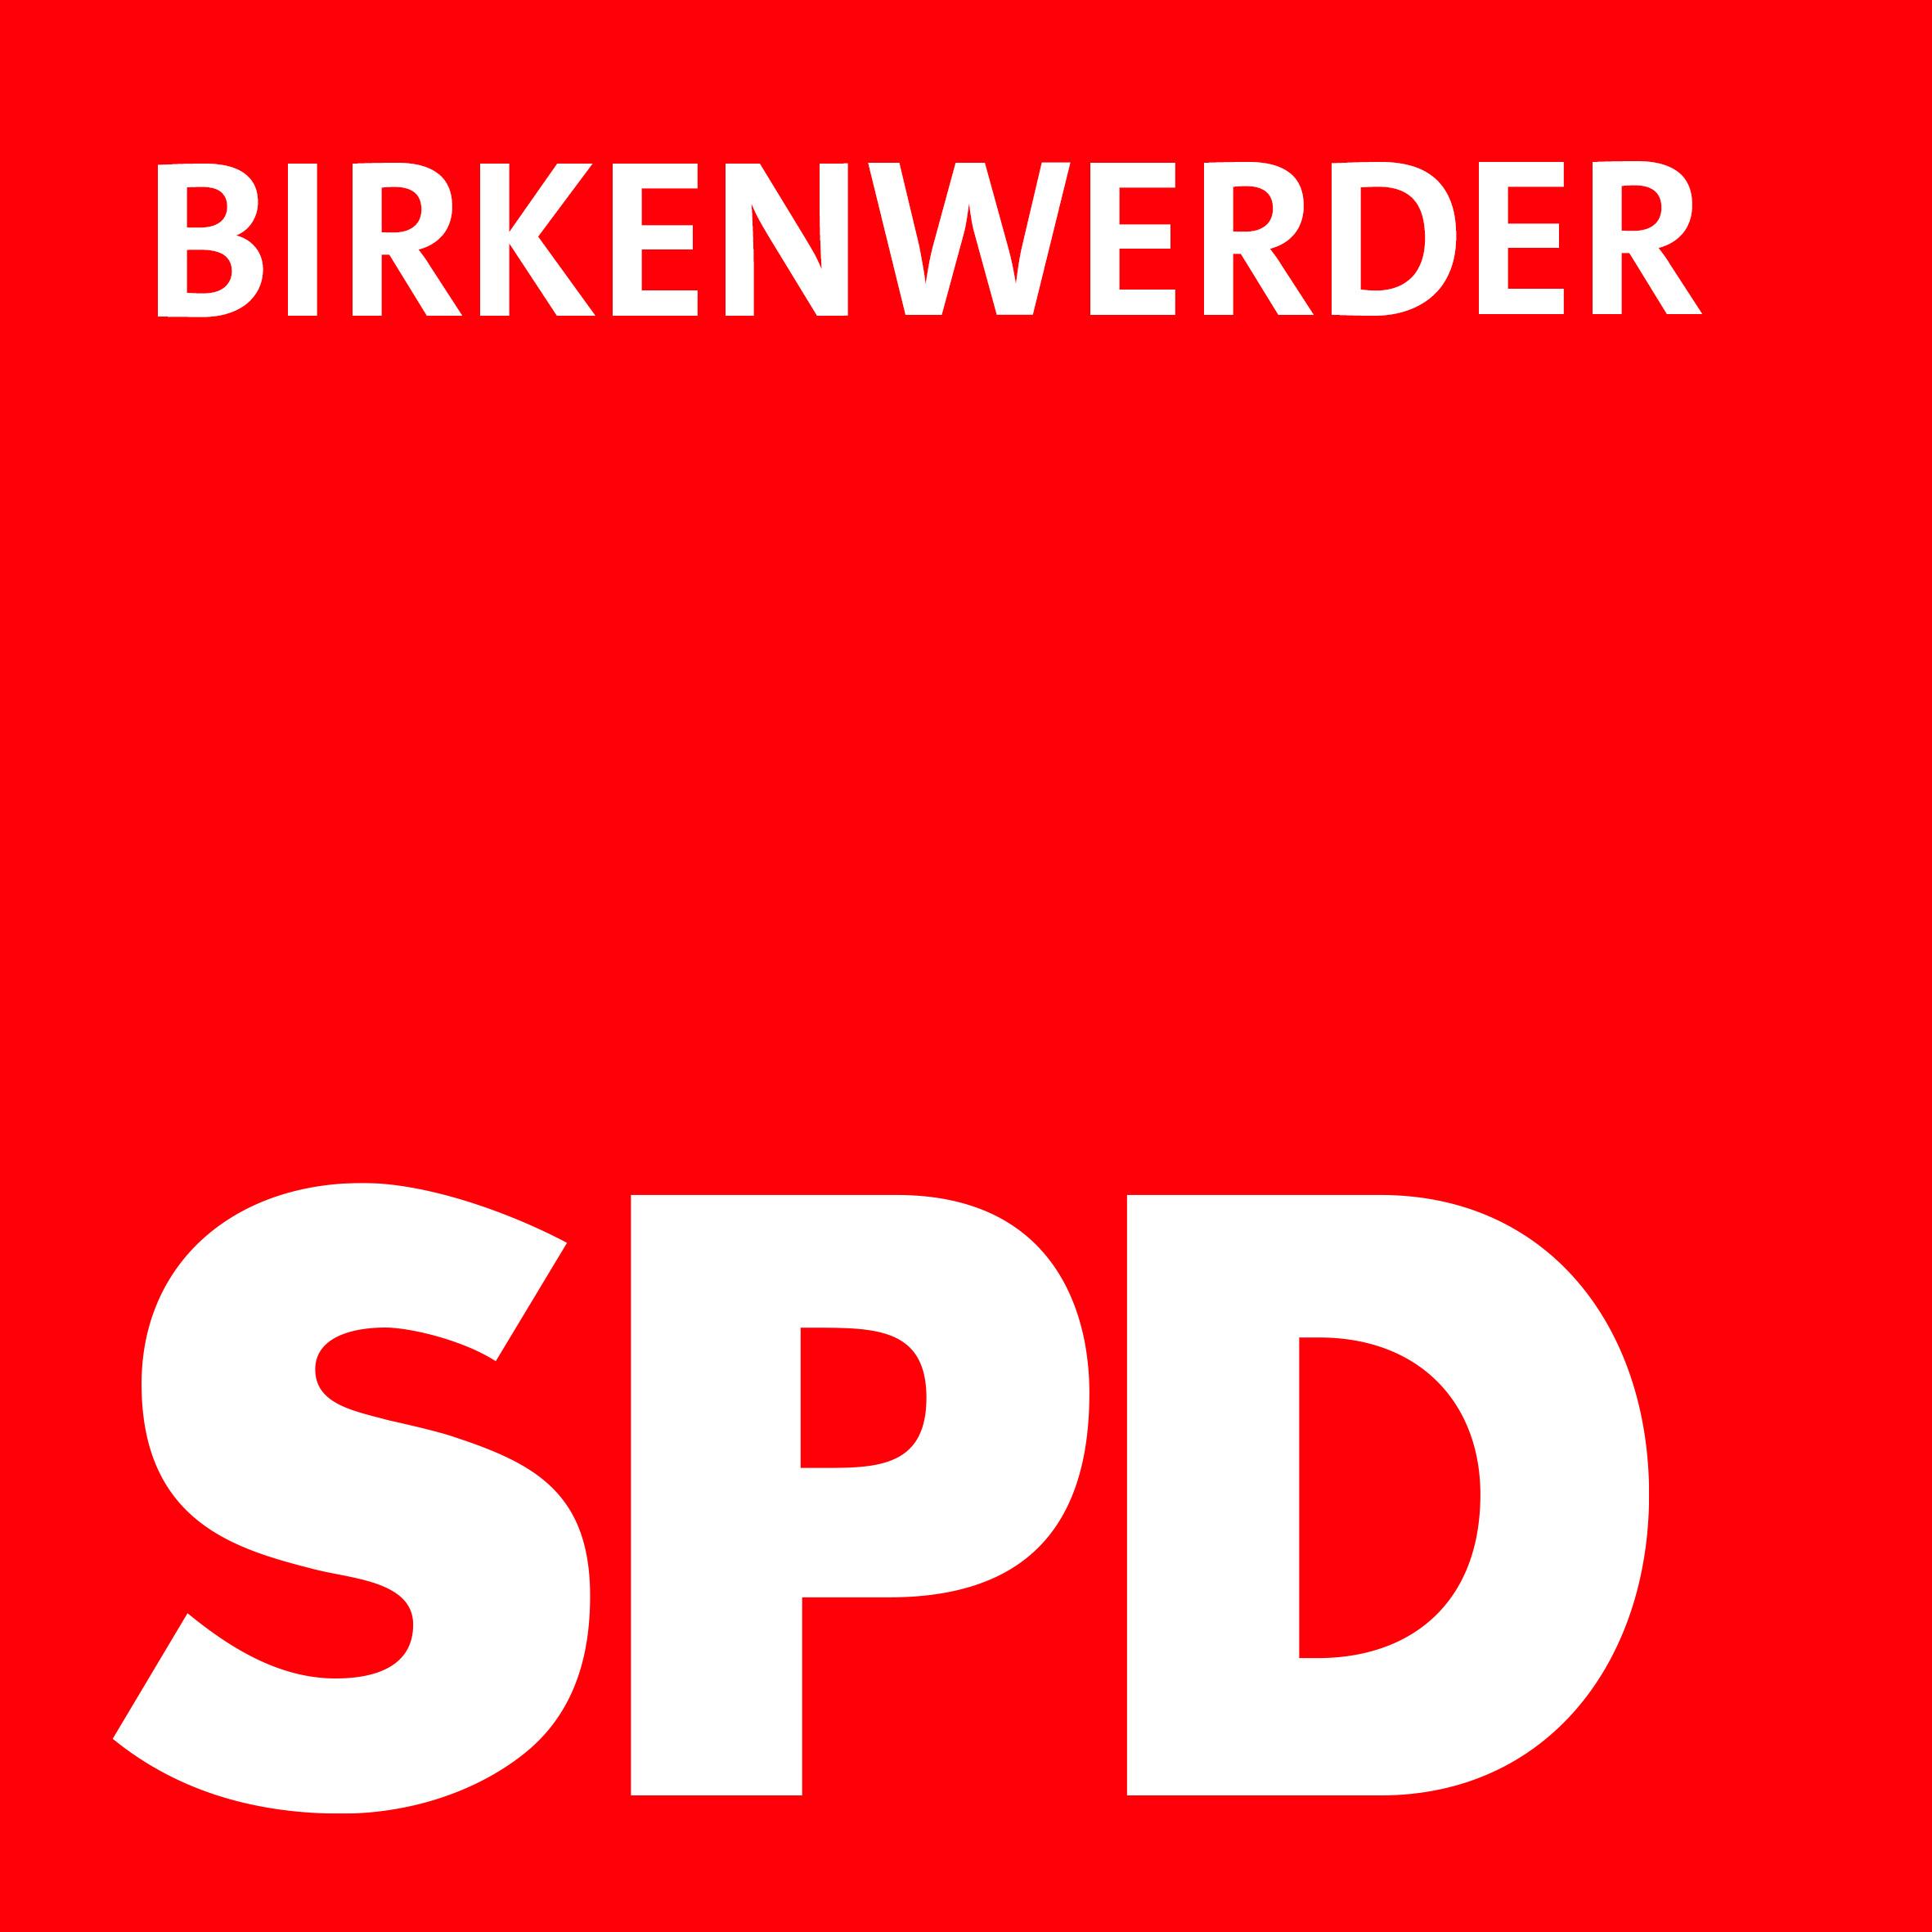 SPD Birkenwerder